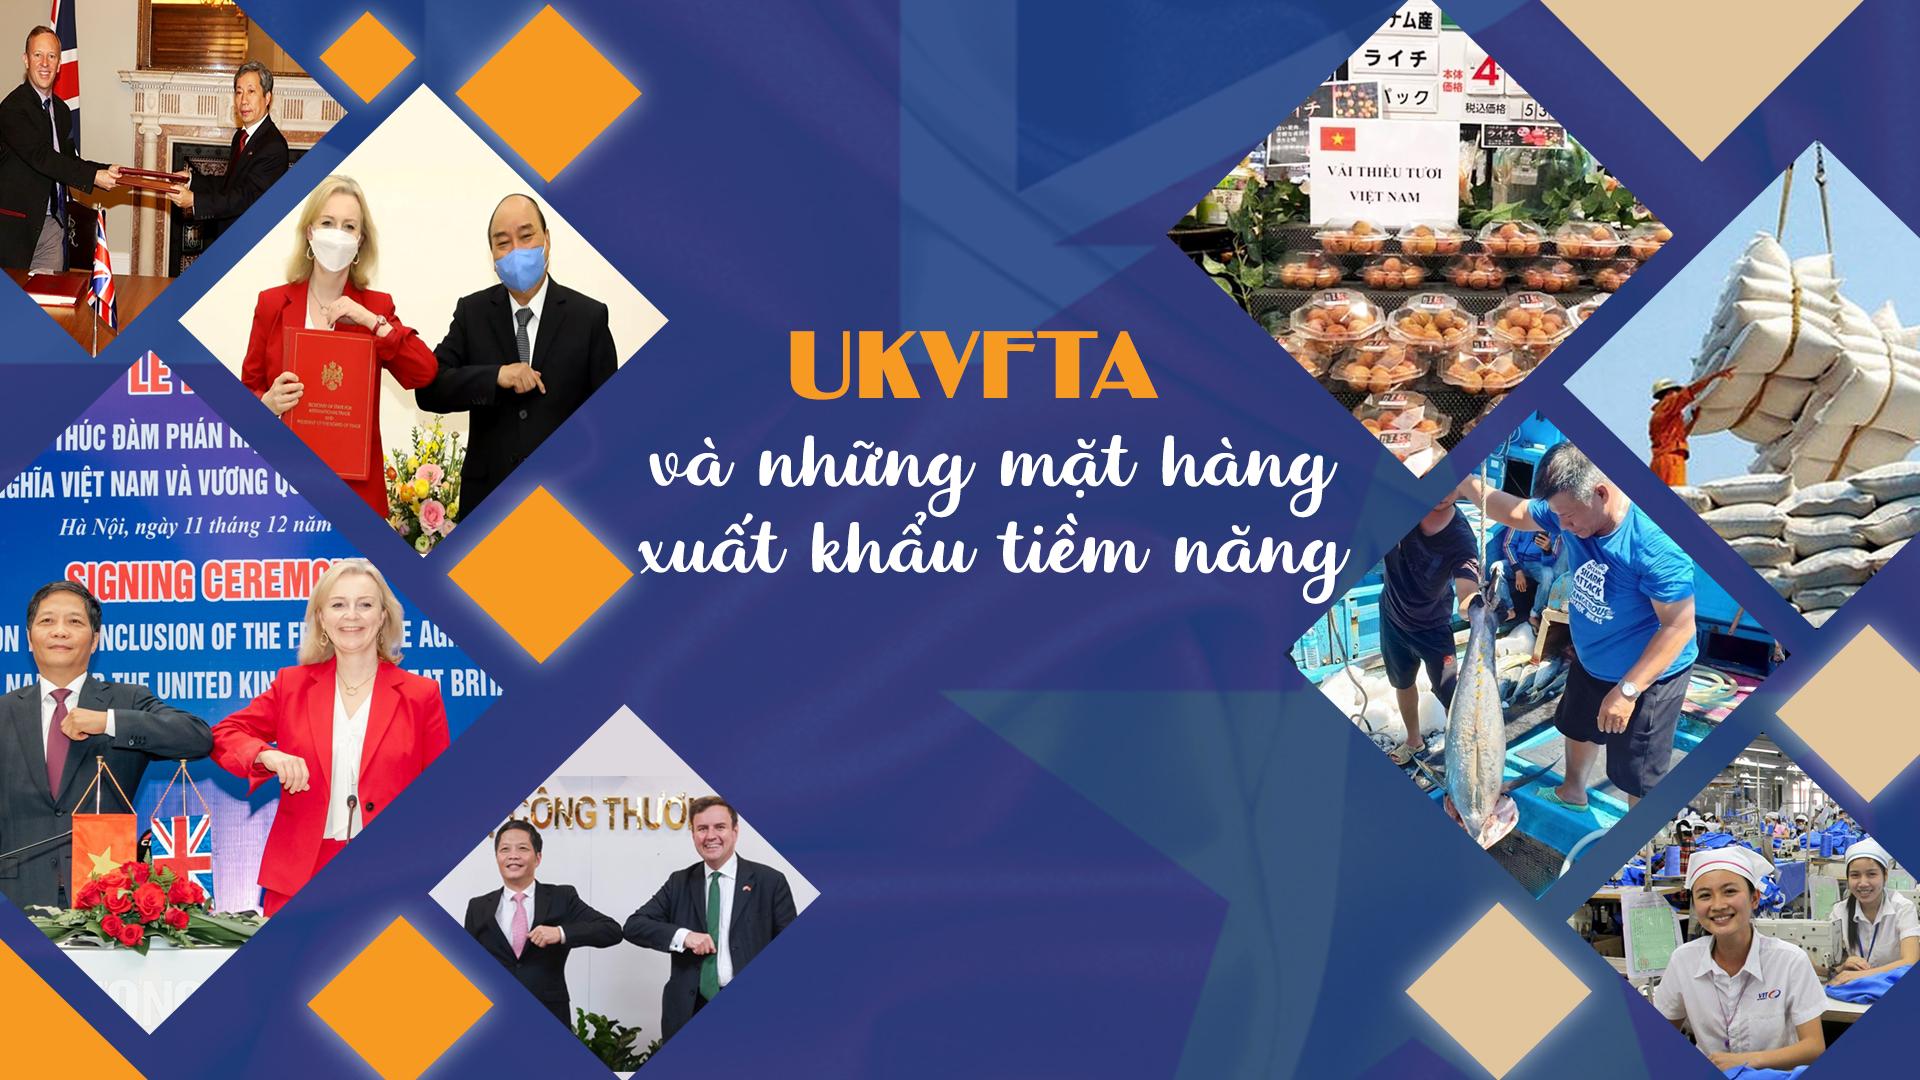 Hạn mức linh hoạt đối với nguyên liệu không đáp ứng tiêu chí xuất xứ trong UKVFTA?